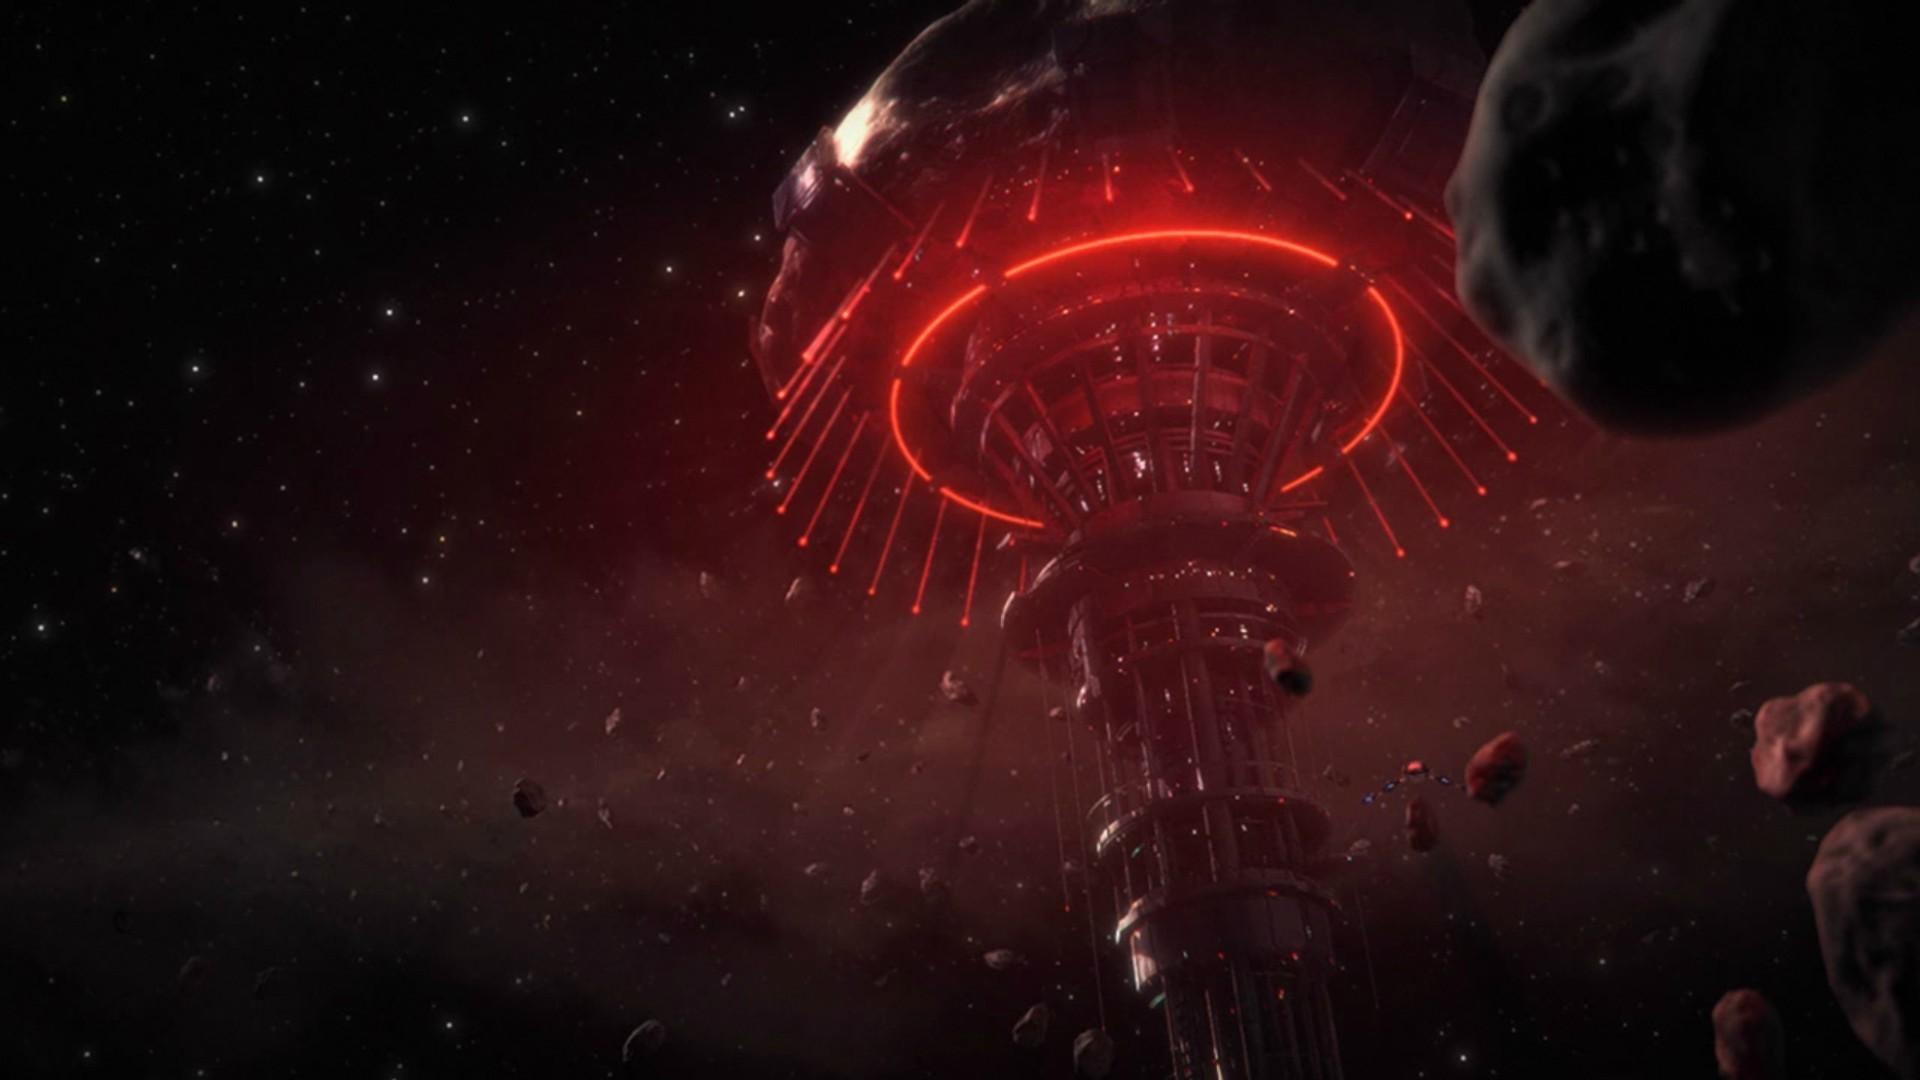 Wallpaper : night, nebula, explosion, Mass Effect 3 ...